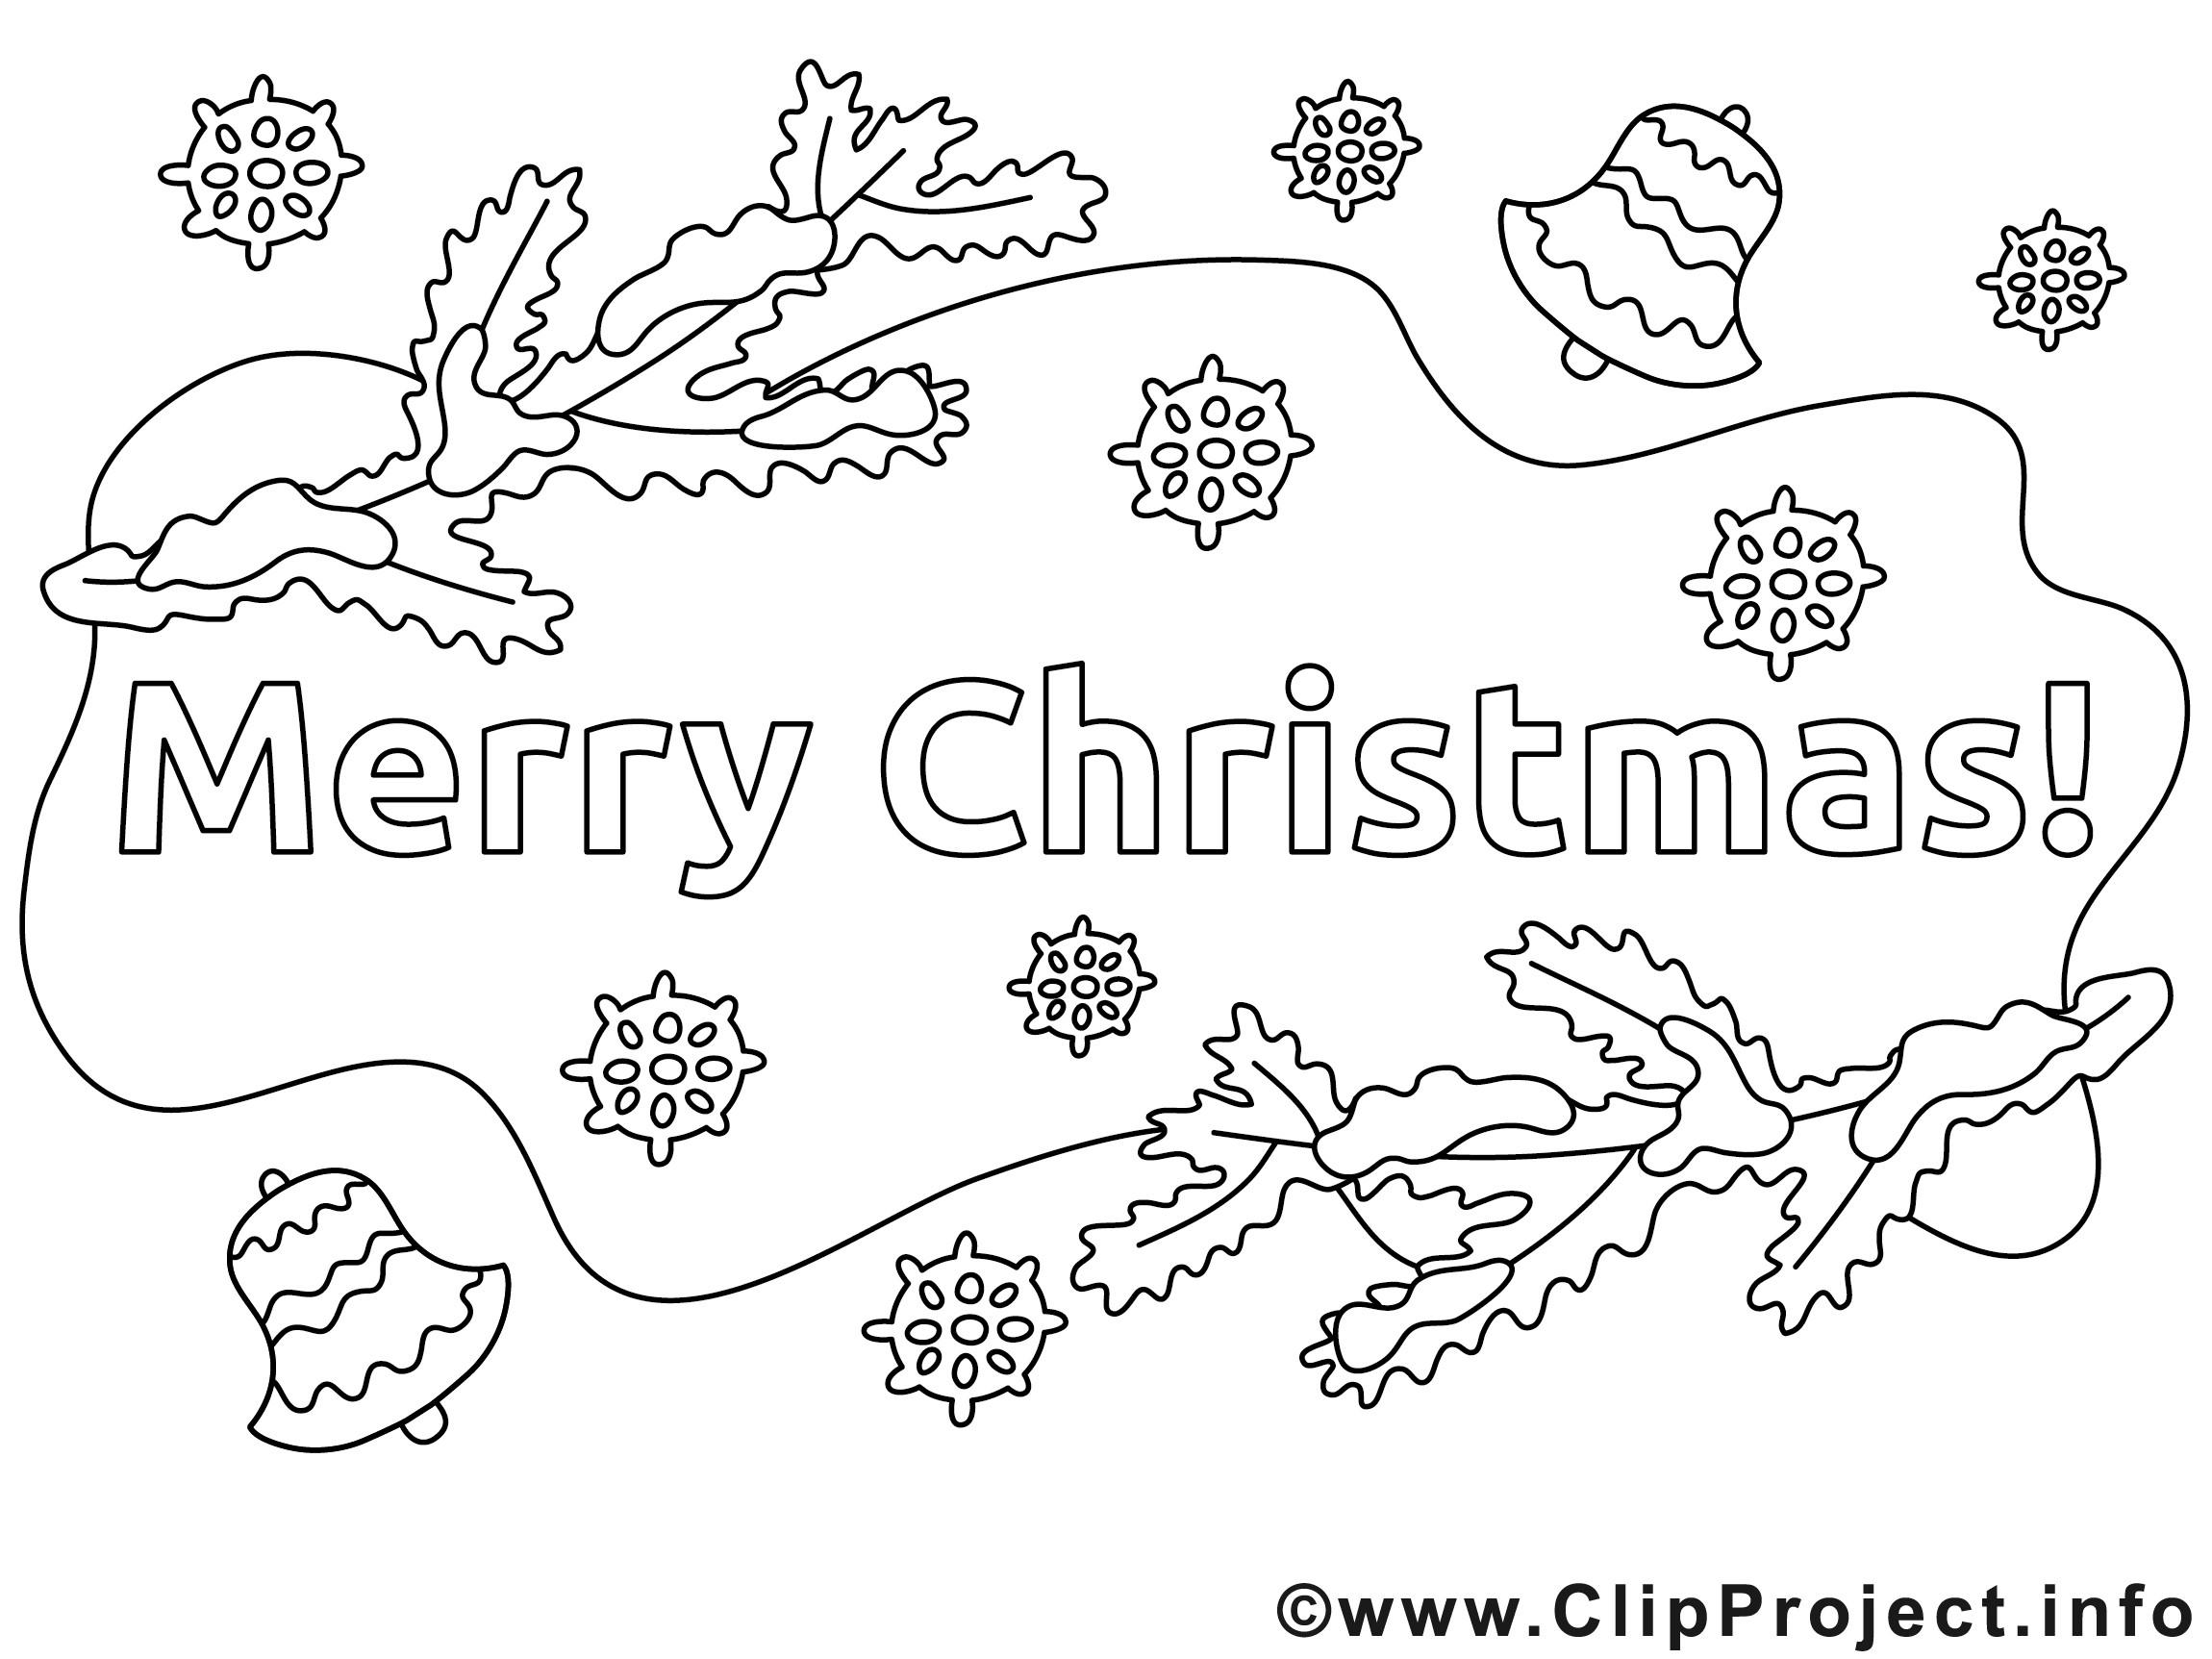 Ausmalbilder Weihnachten Tannenbaum Mit Geschenken Inspirierend Bilder Zum Ausmalen Für Weihnachten Fotos